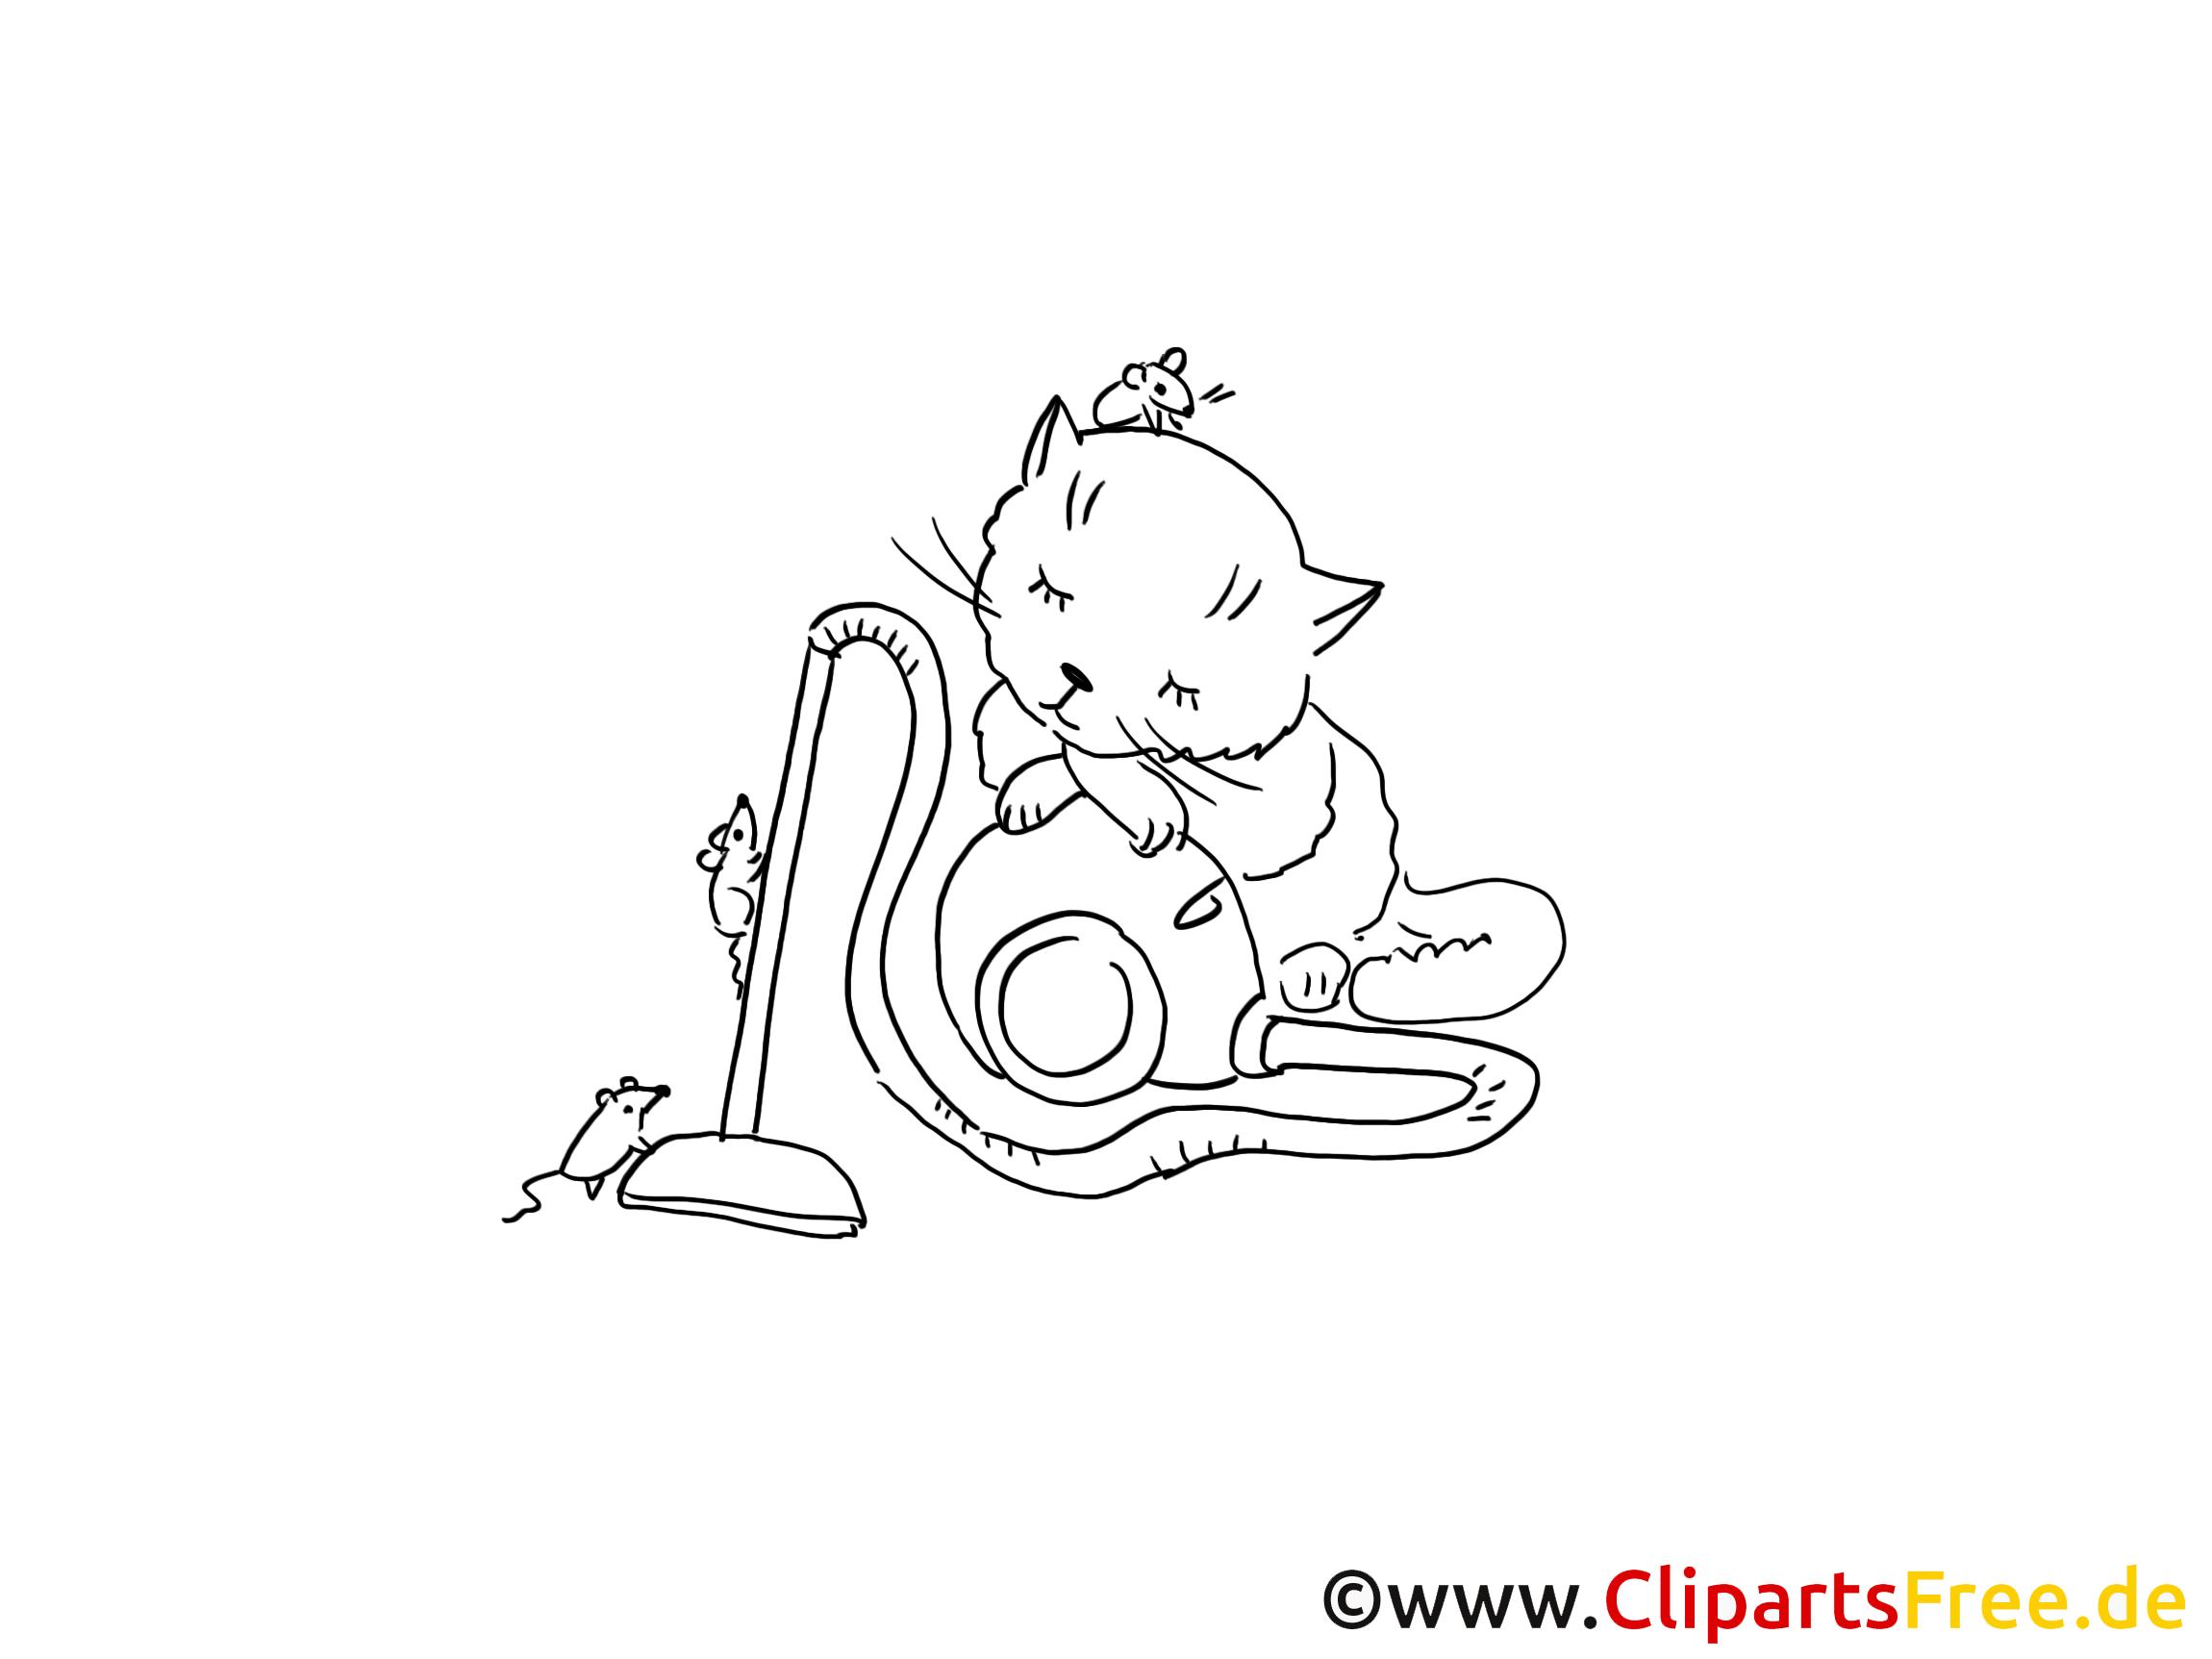 Schlafende Katze Grafik, Bild, Malvorlage zum Ausdrucken und Ausmalen